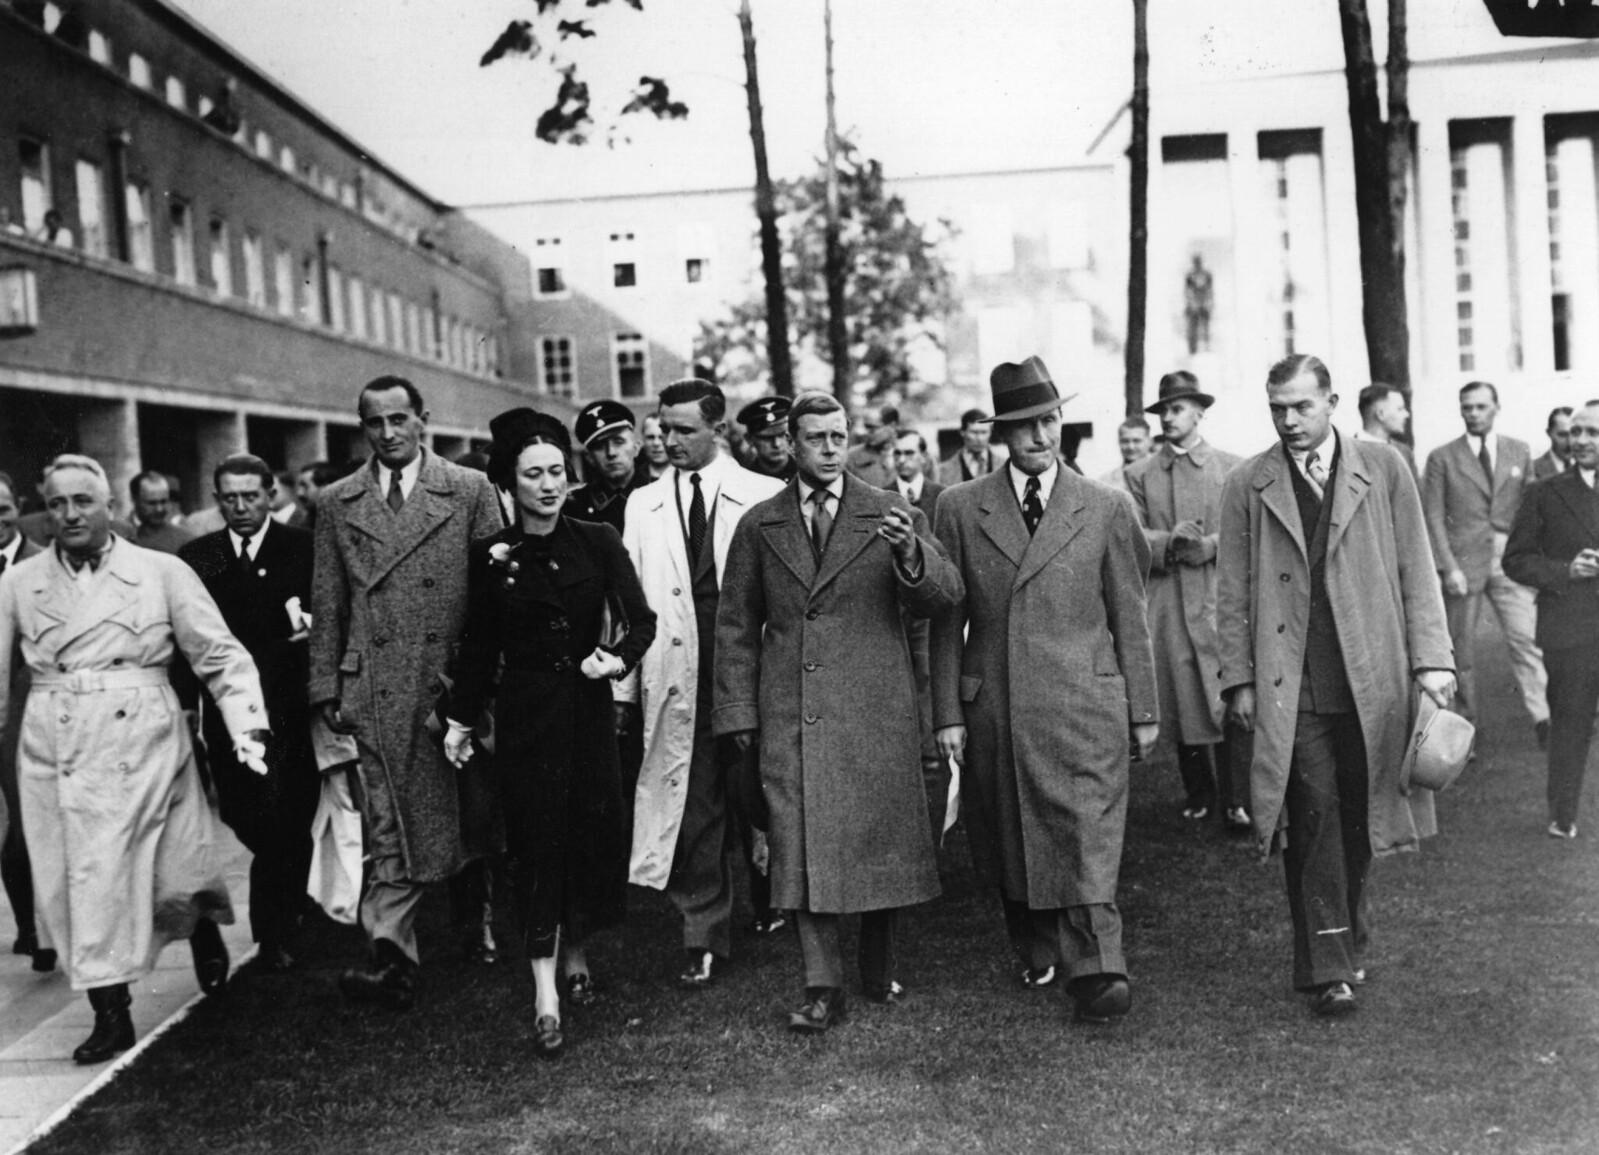 13 октября. Герцог и герцогиня Виндзорские путешествуют по Германии